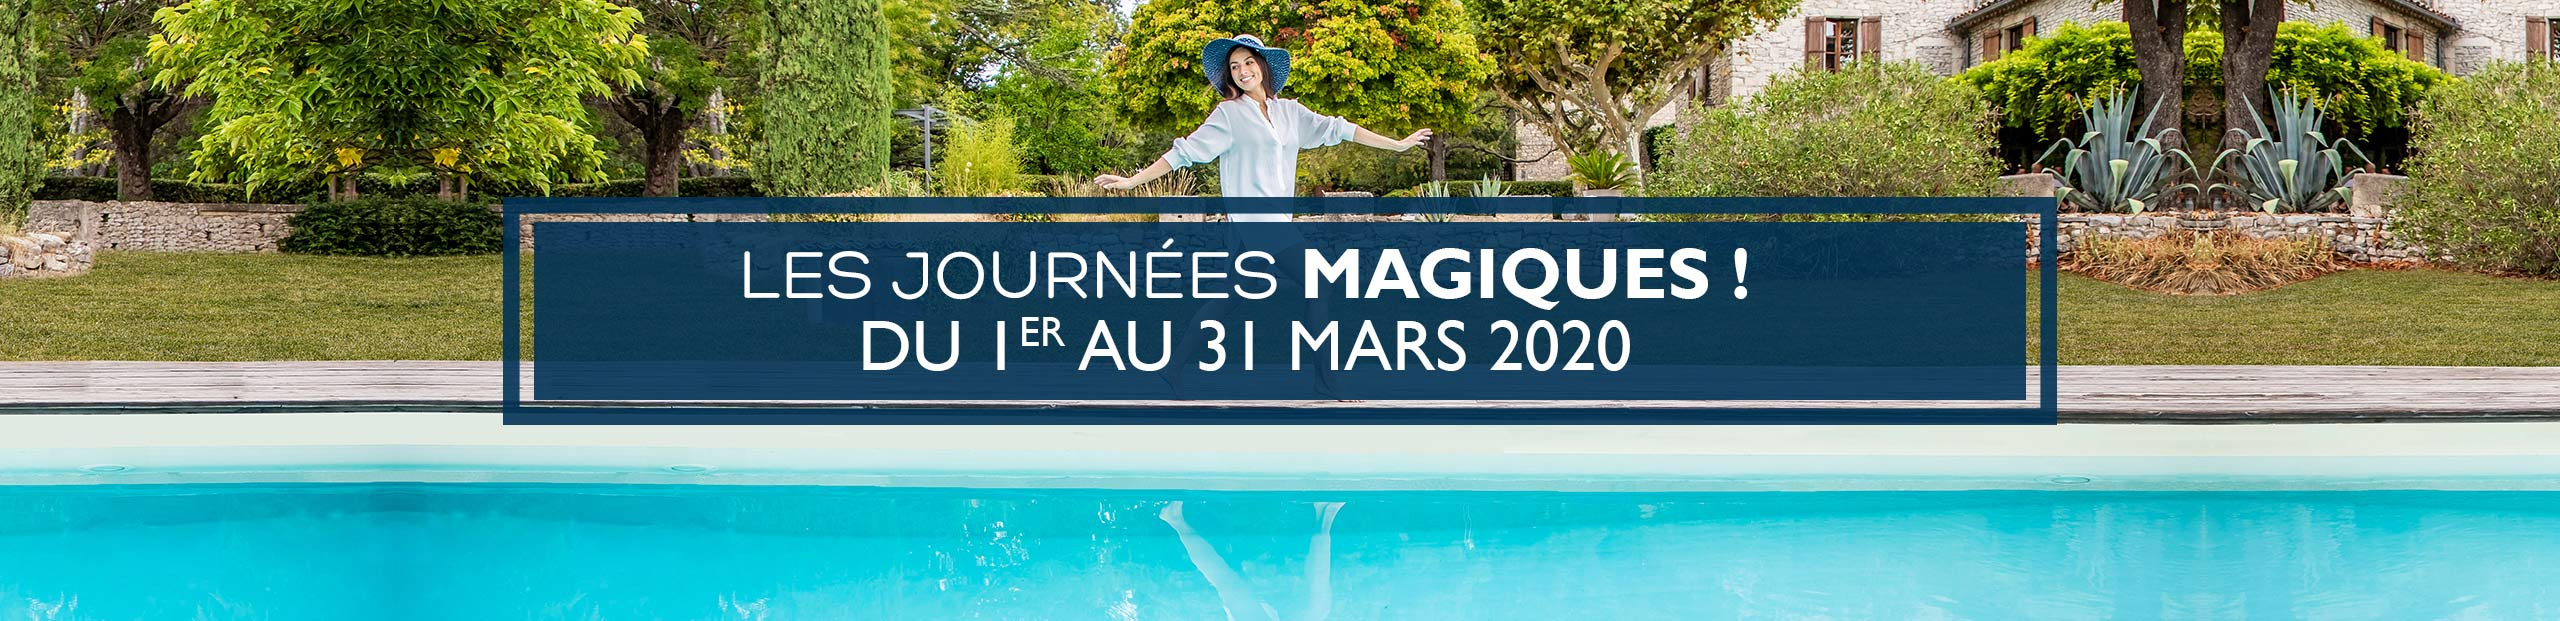 Piscines Magiline : Constructeur De Piscines, Conception Et ... destiné Piscine Arras Aquarena